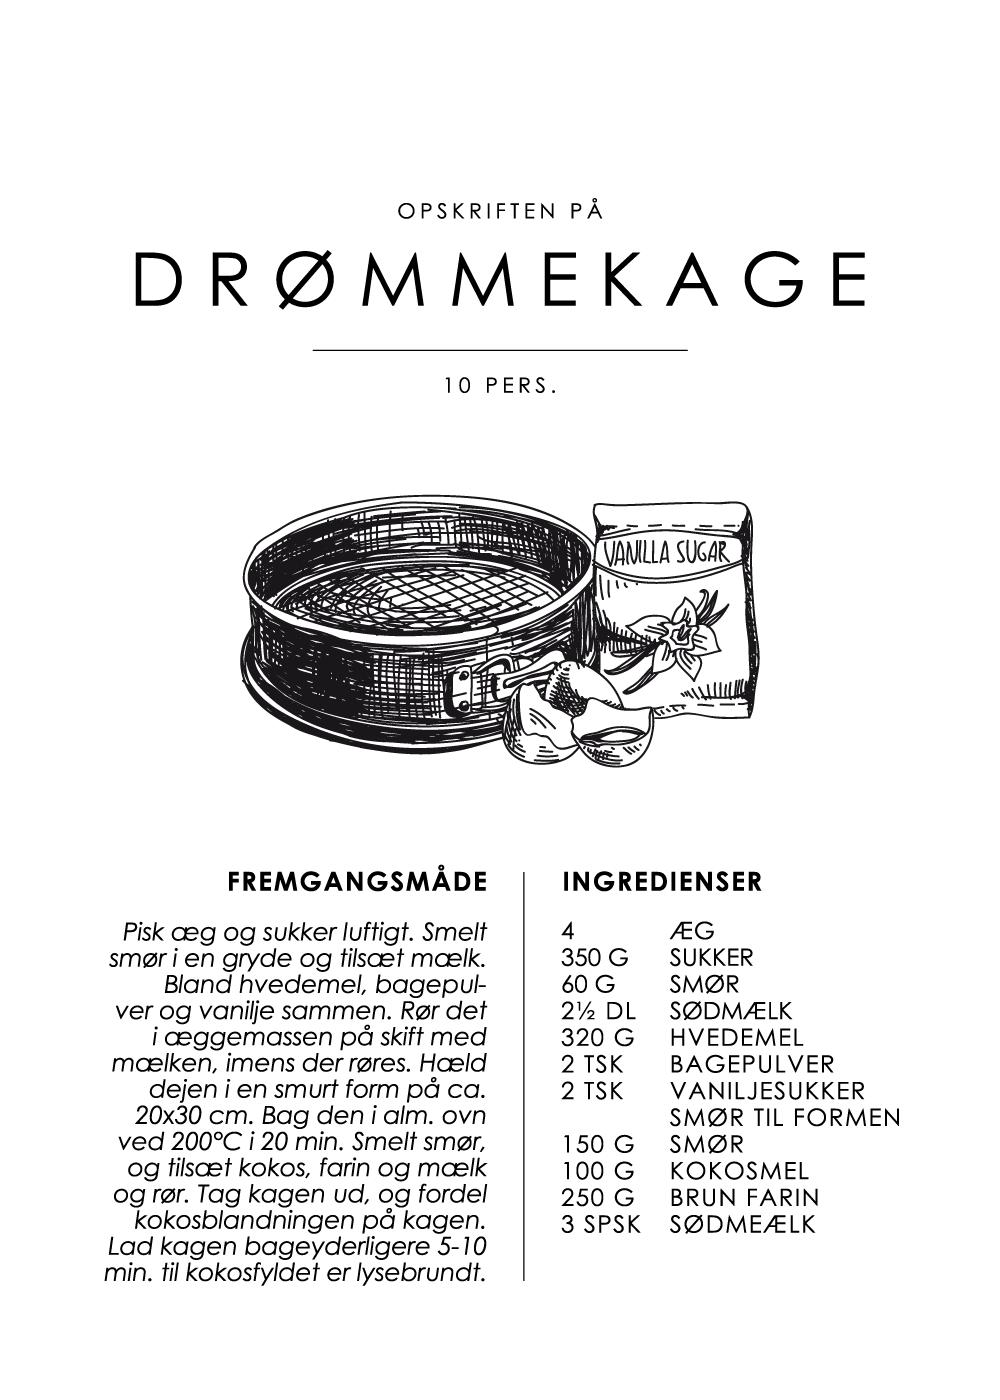 Billede af Drømmekage opskrift - Kage guide plakat